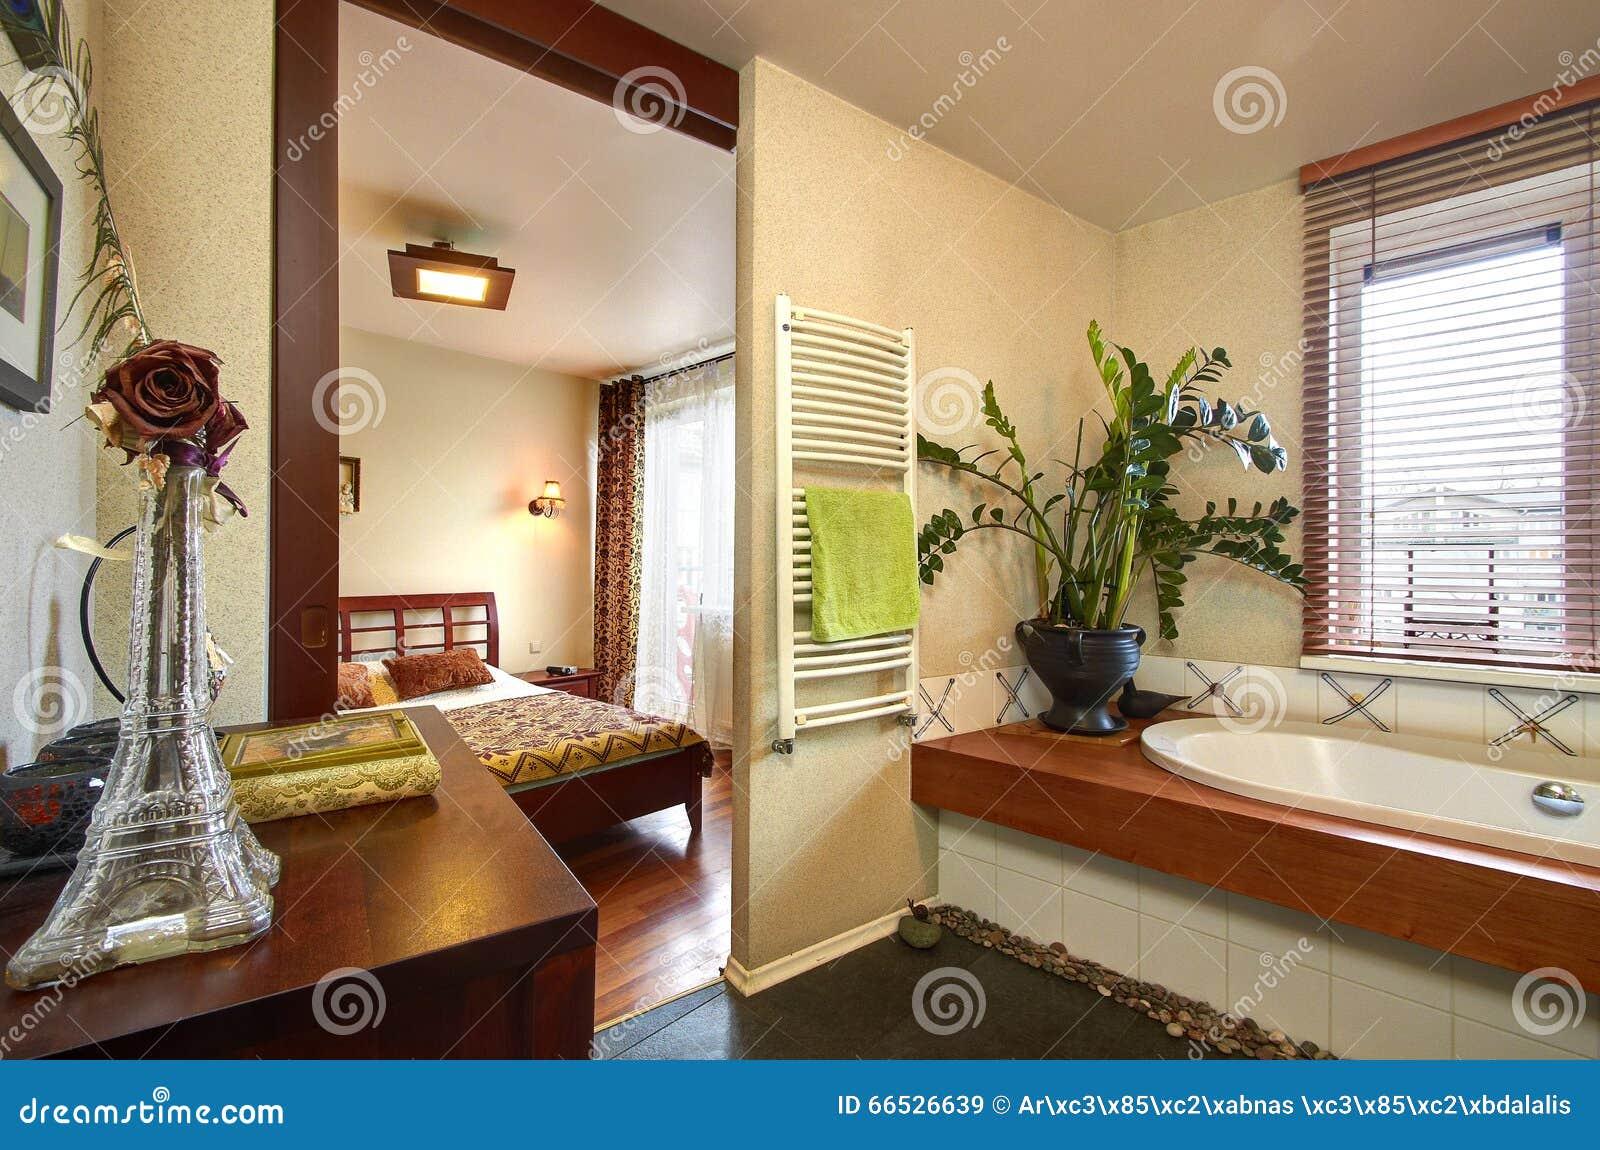 Bagno con una vista della camera da letto immagine stock - Camera da letto con bagno ...